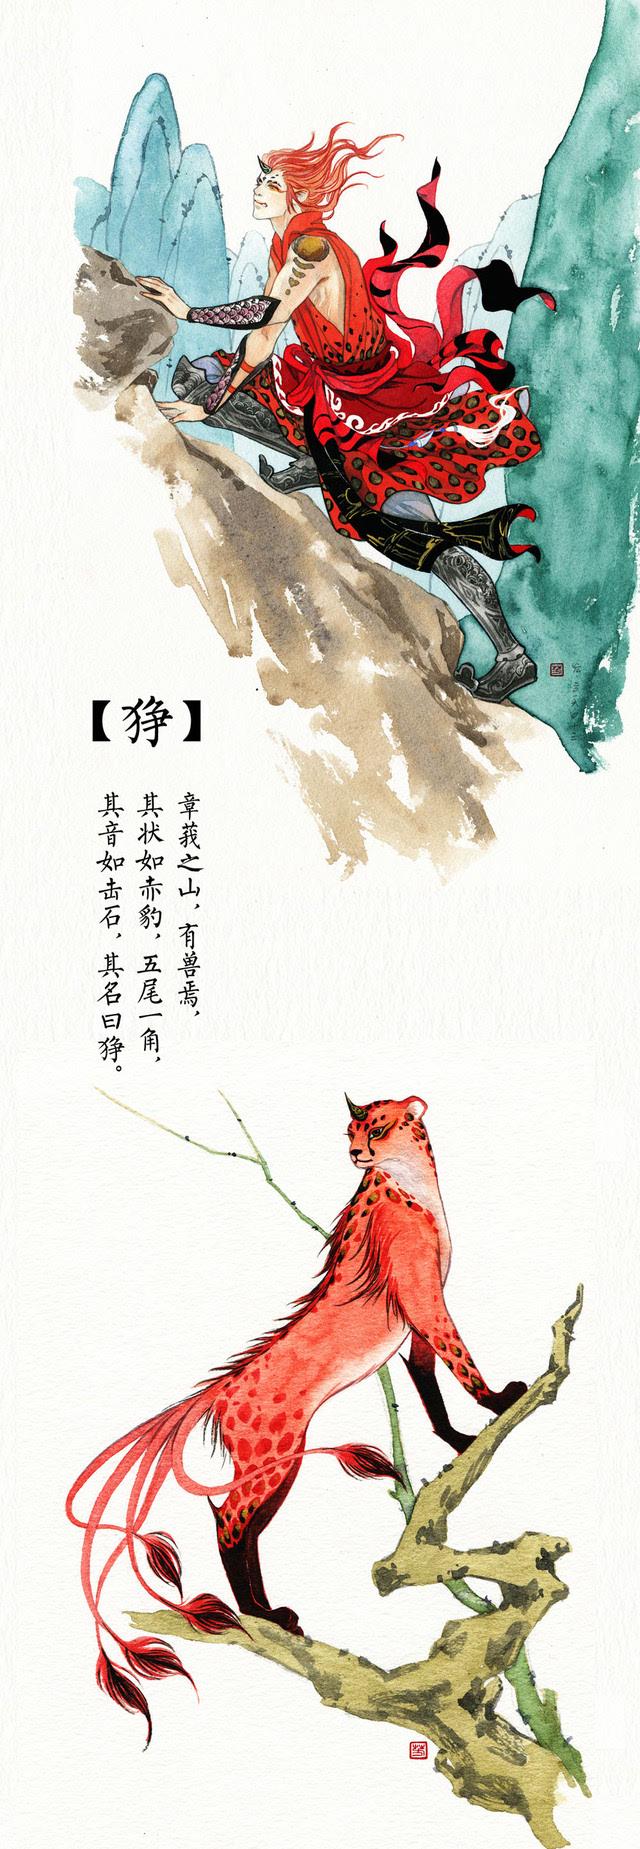 章莪之山,有兽焉,其状如赤豹,五尾一角,其音如击石,其名如狰.图片